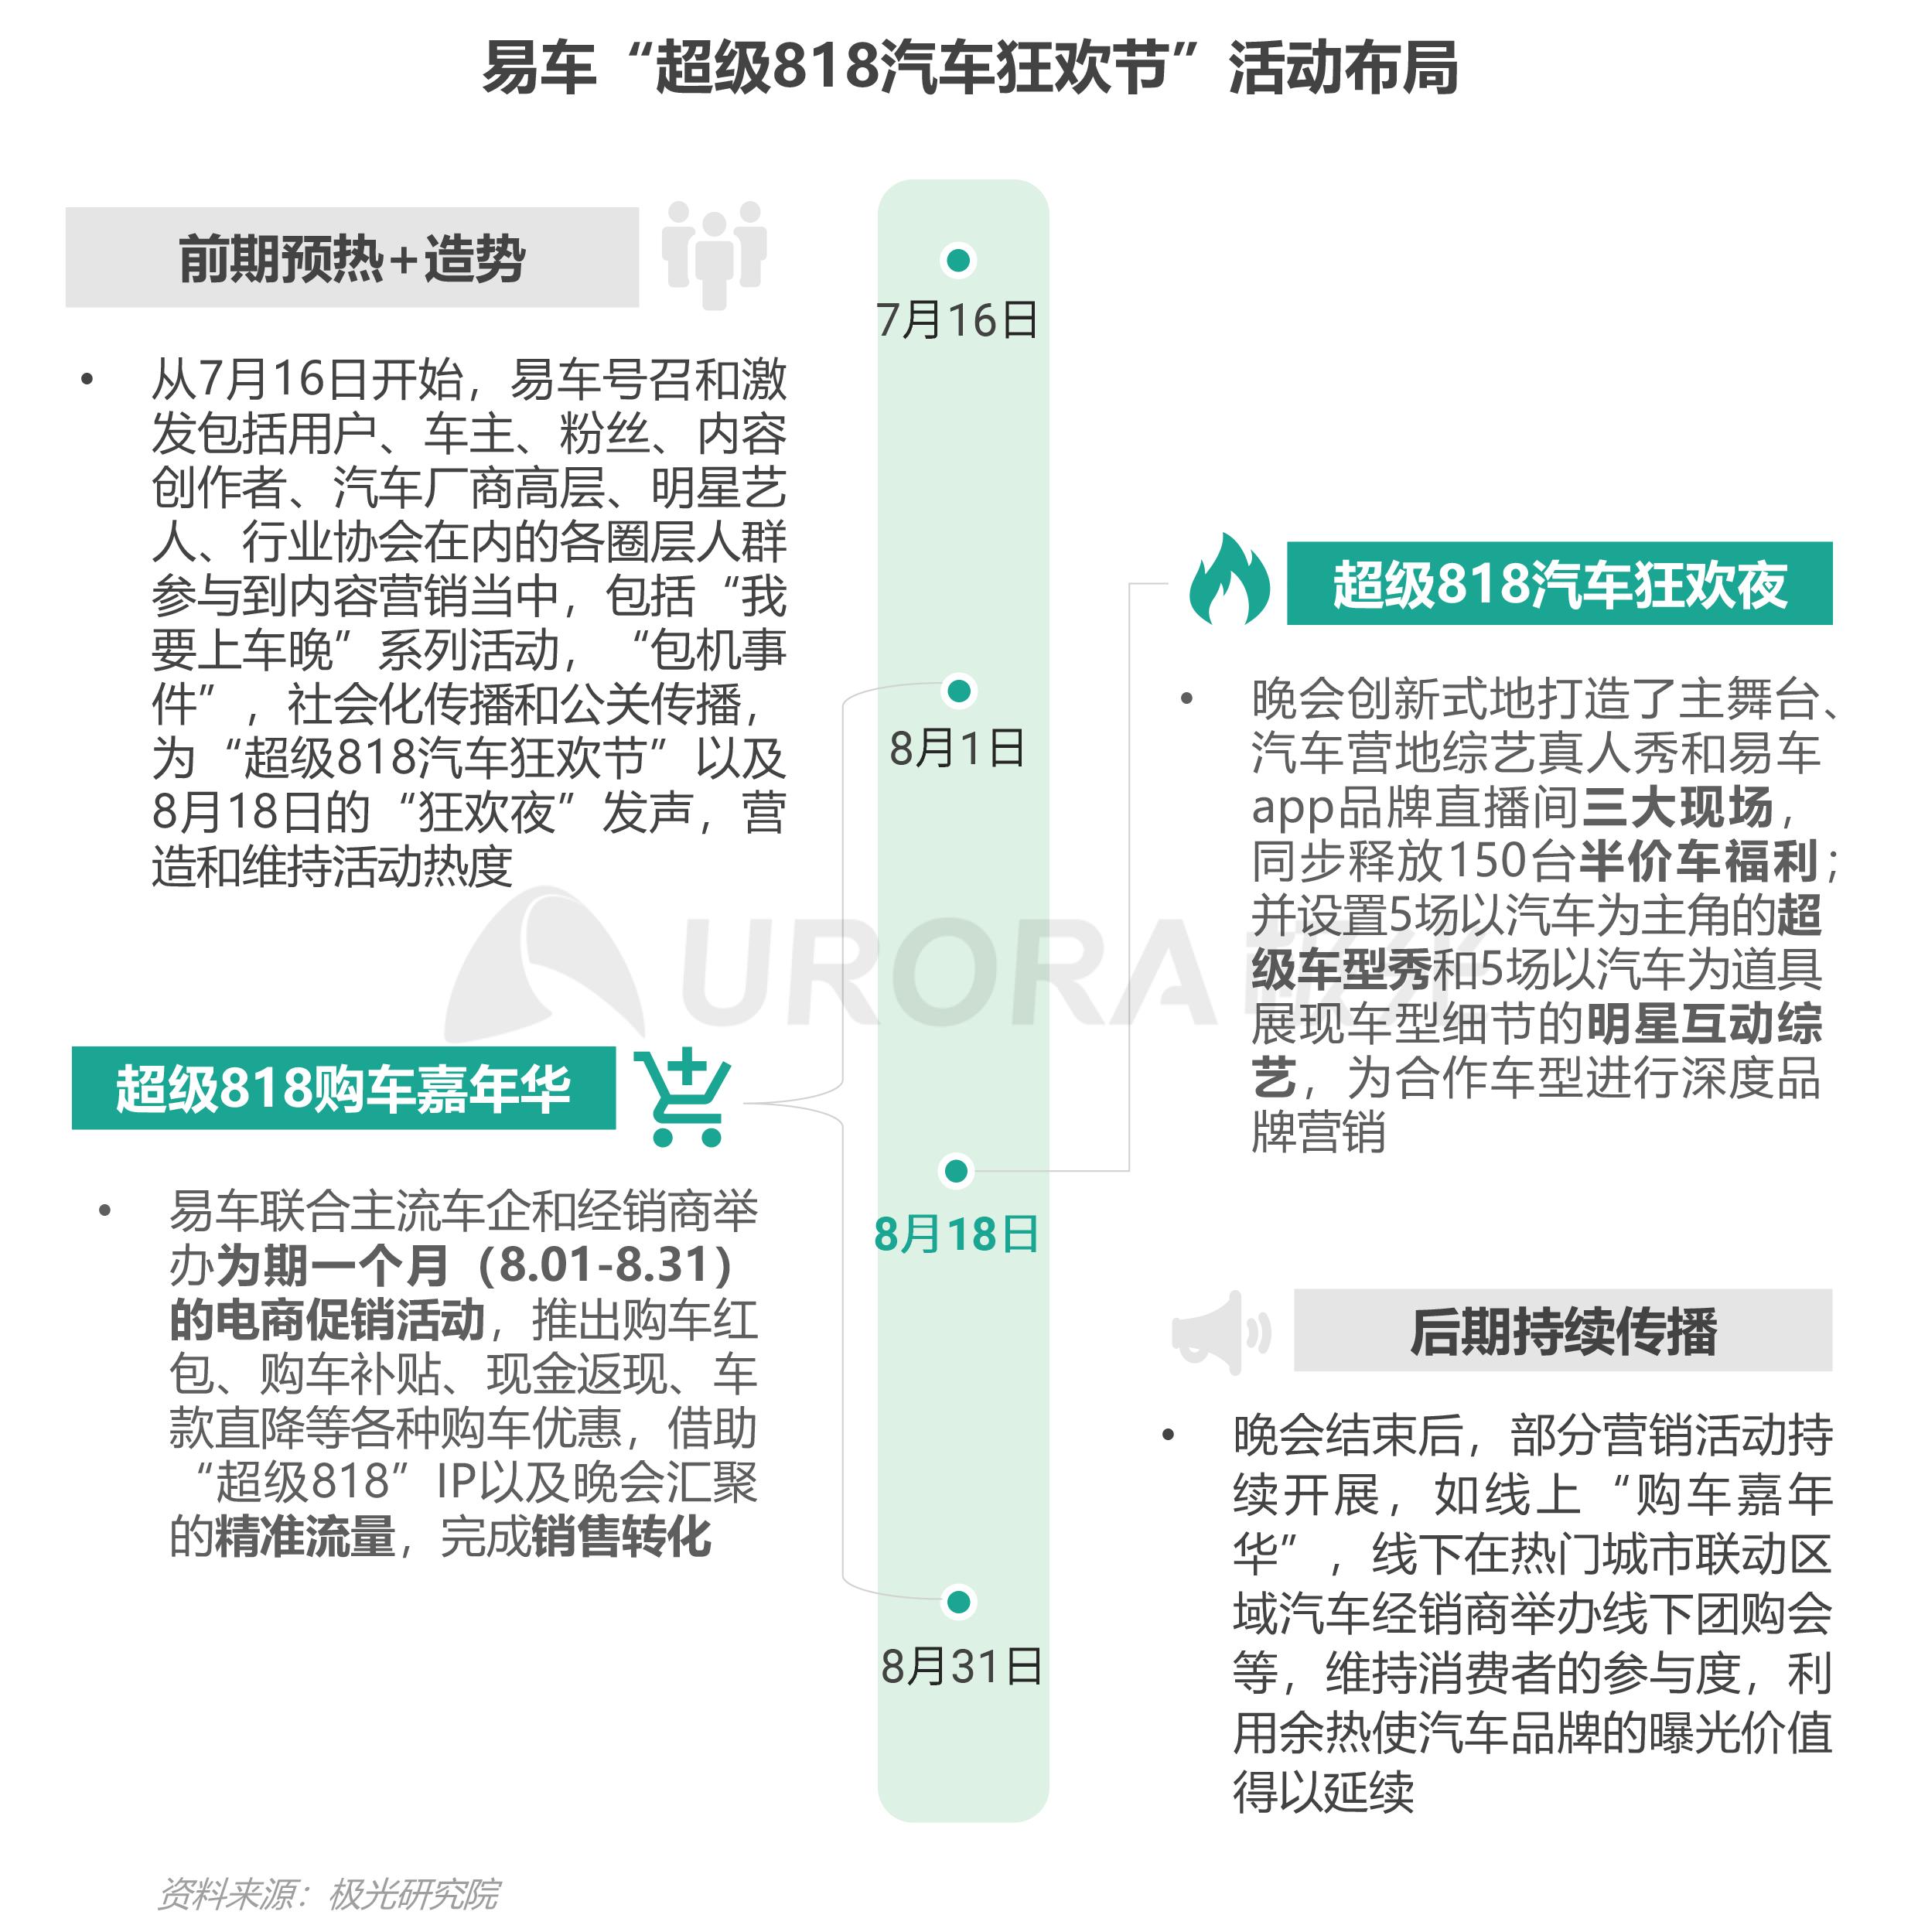 """汽车行业""""新造节""""营销趋势研究报告【定稿】-19.png"""